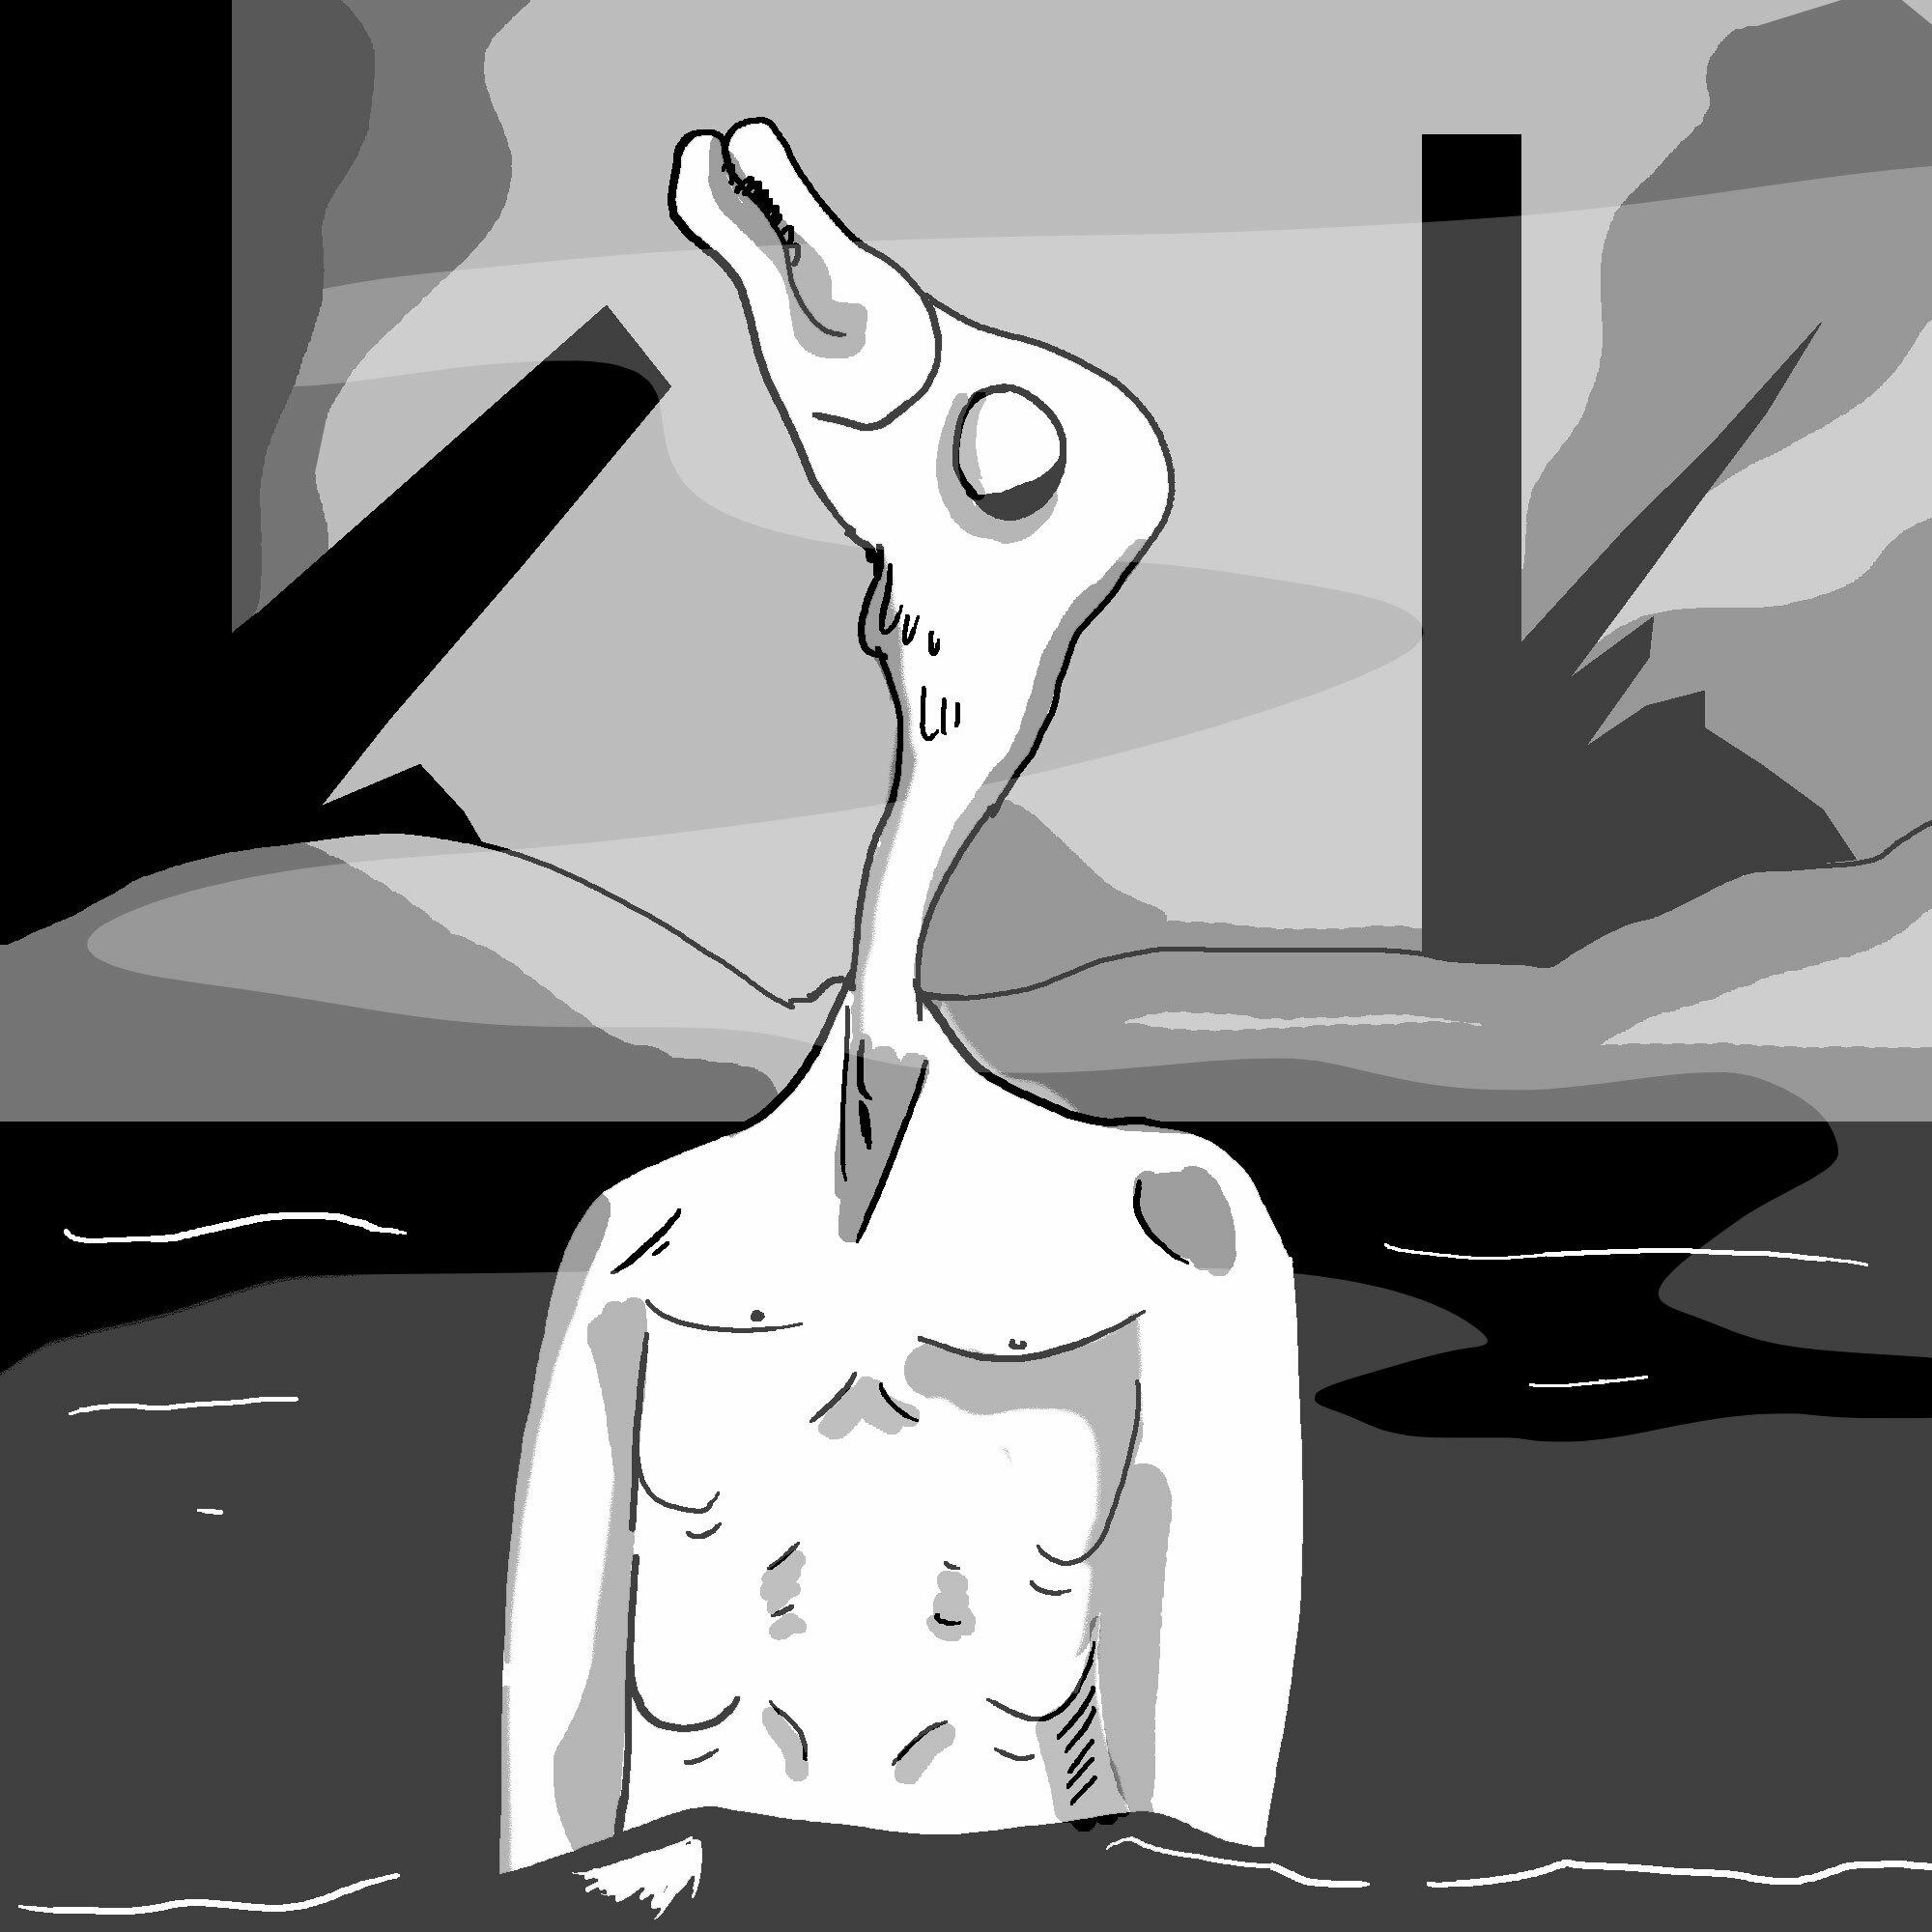 Monster Duckman